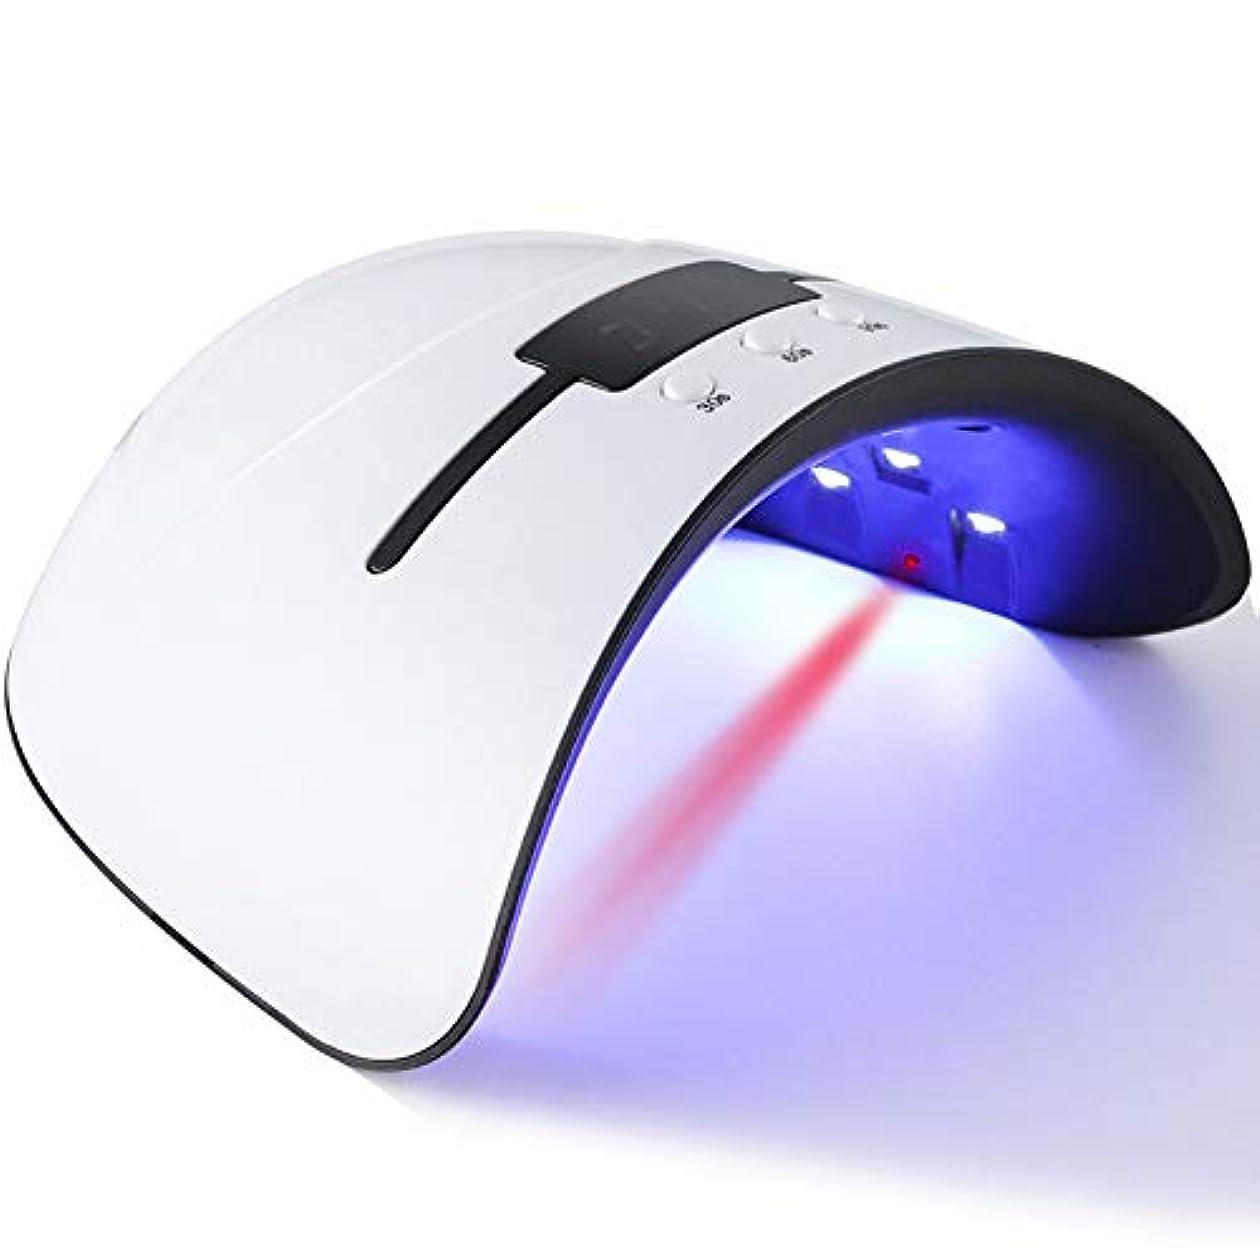 安全な何十人も恥ずかしい硬化ライト ネイルlight ジェルネイル LED ネイルドライヤー 日本語説明書付属 36W 無痛硬化 赤外線検知